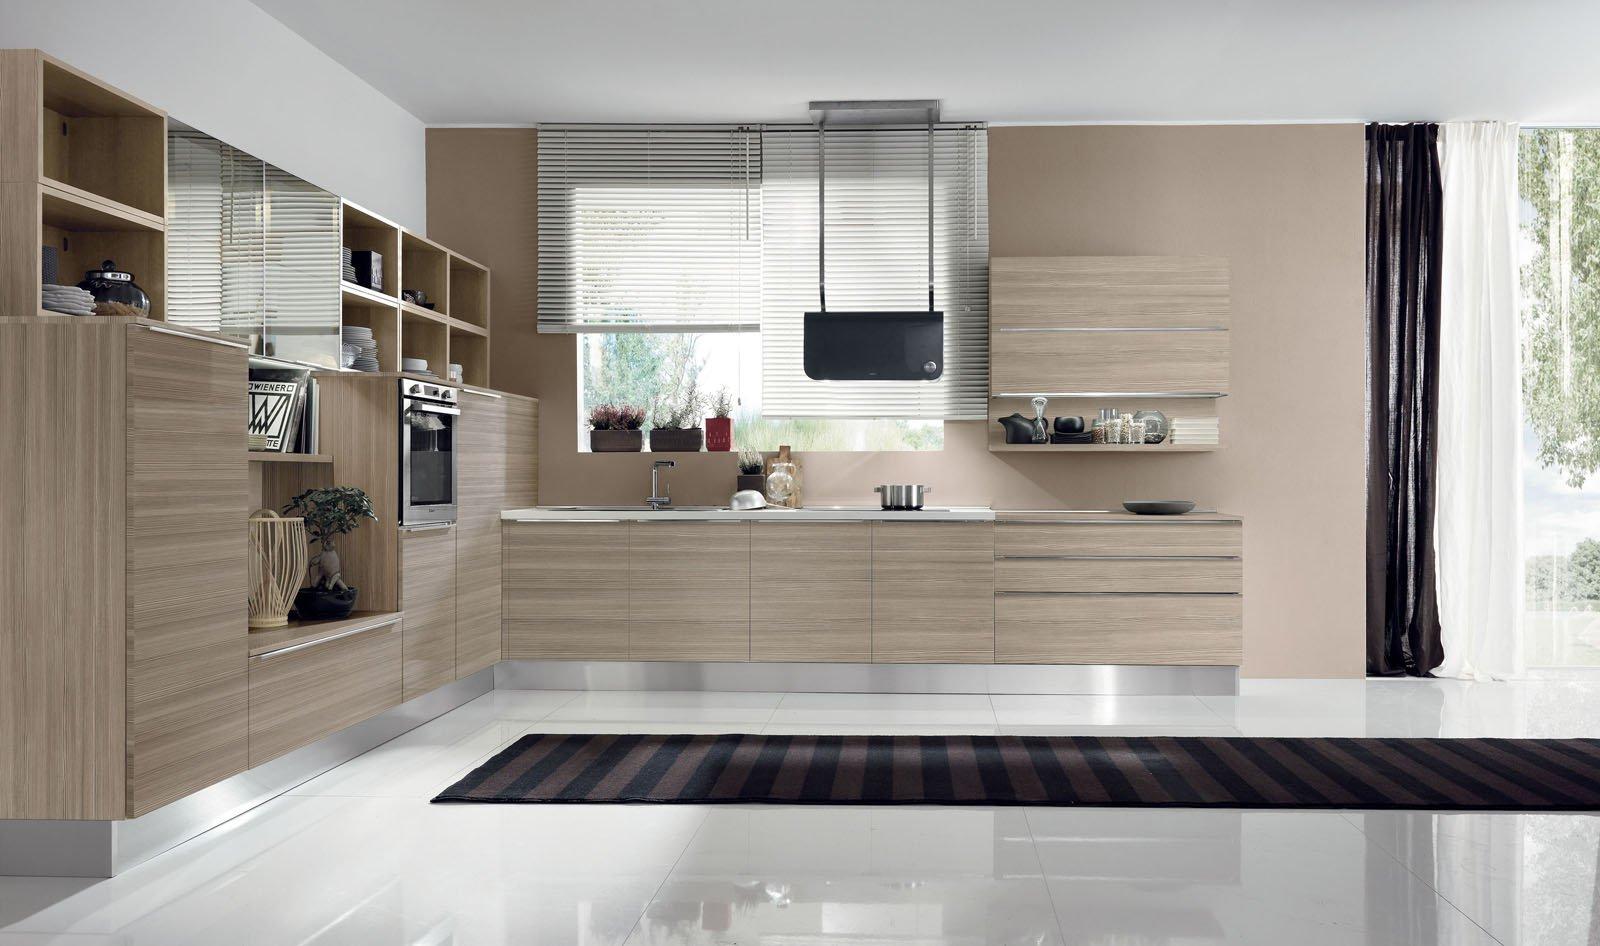 Aran: 5 cucine per sfruttare lo spazio in modi differenti - Cose ...